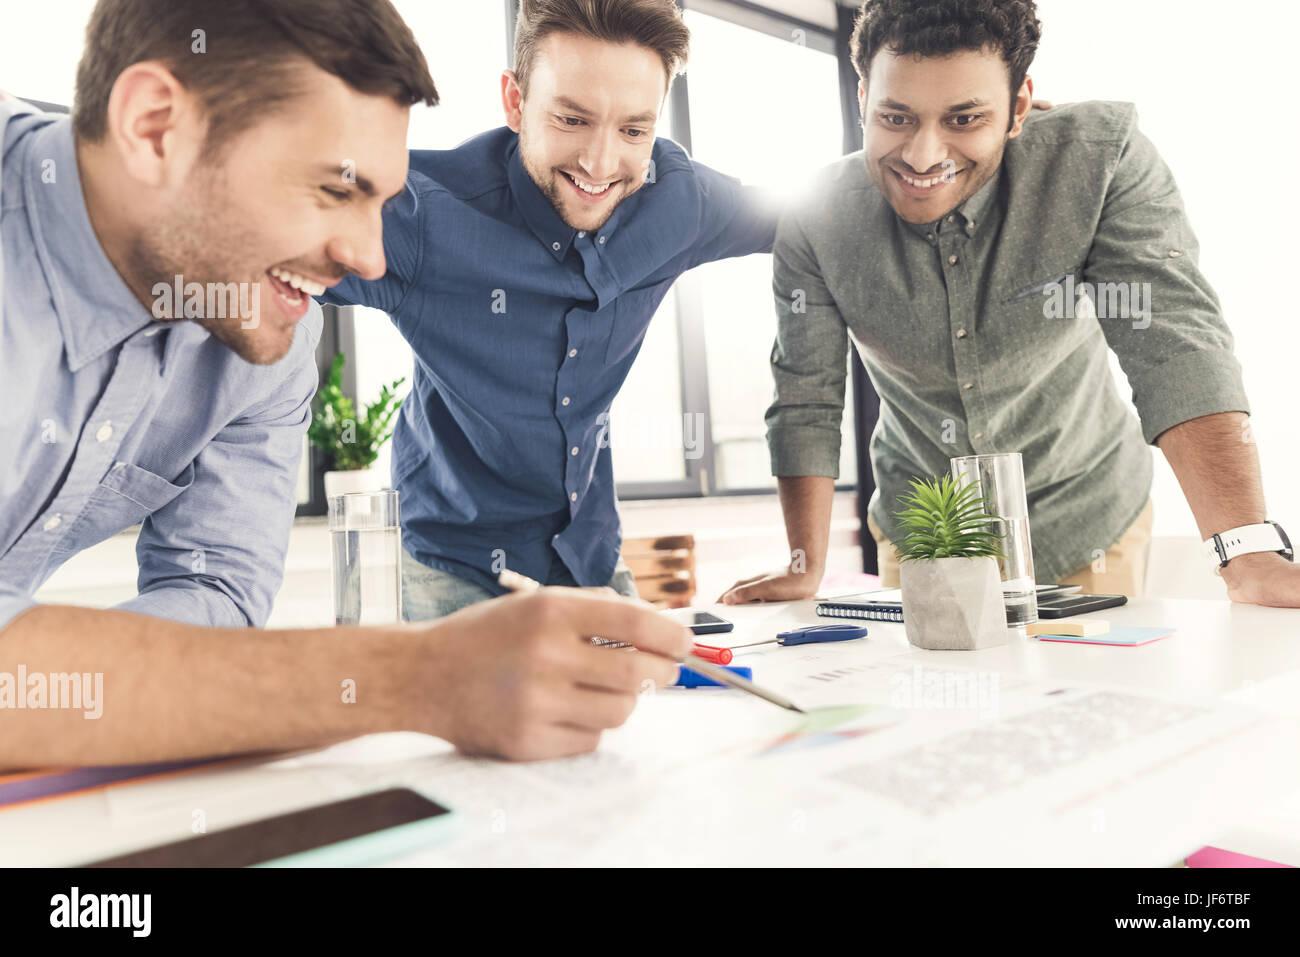 Drei Jungunternehmer am Tisch gelehnt und arbeiten am Projekt zusammen, Teamarbeit Geschäftskonzept Stockbild